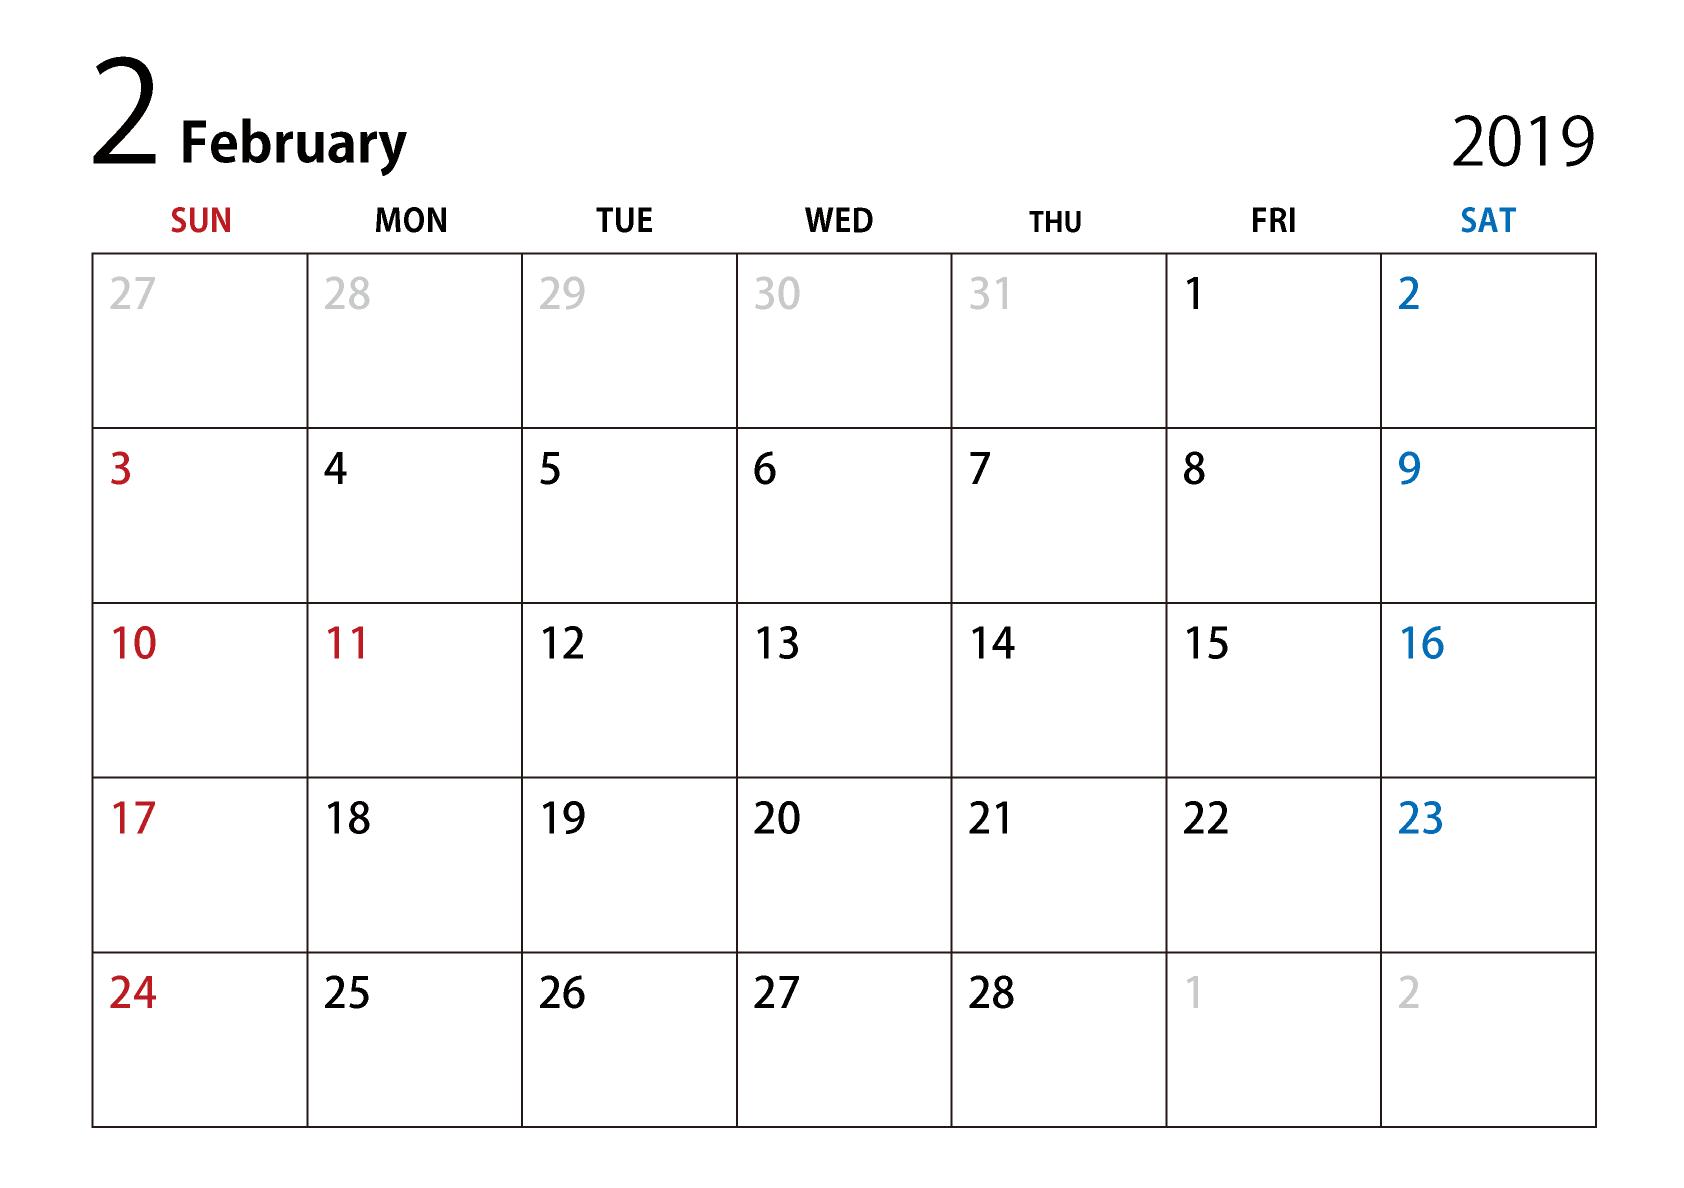 19年2月カレンダーのフリーダウンロード画像 Ii 7月 カレンダー 8月 カレンダー カレンダーテンプレート